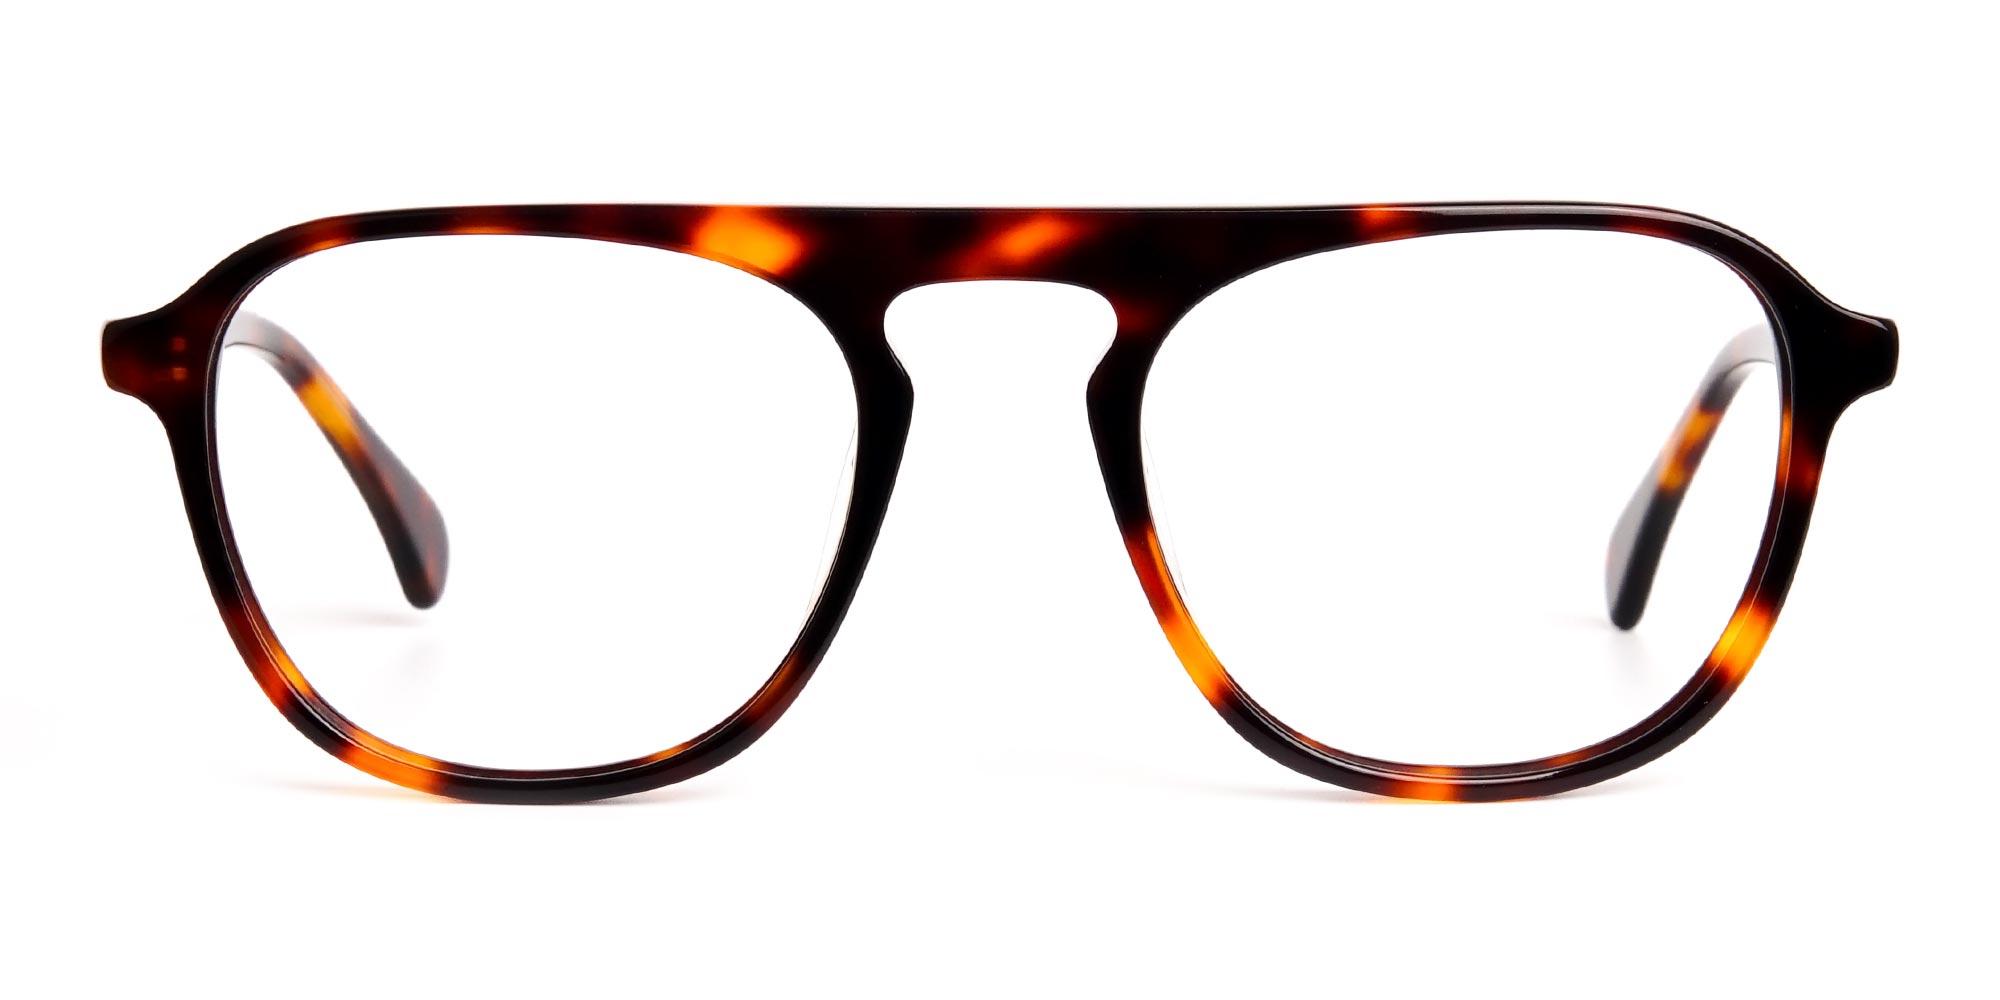 Havana & Tortoise Shell Aviator Wayfarer Glasses